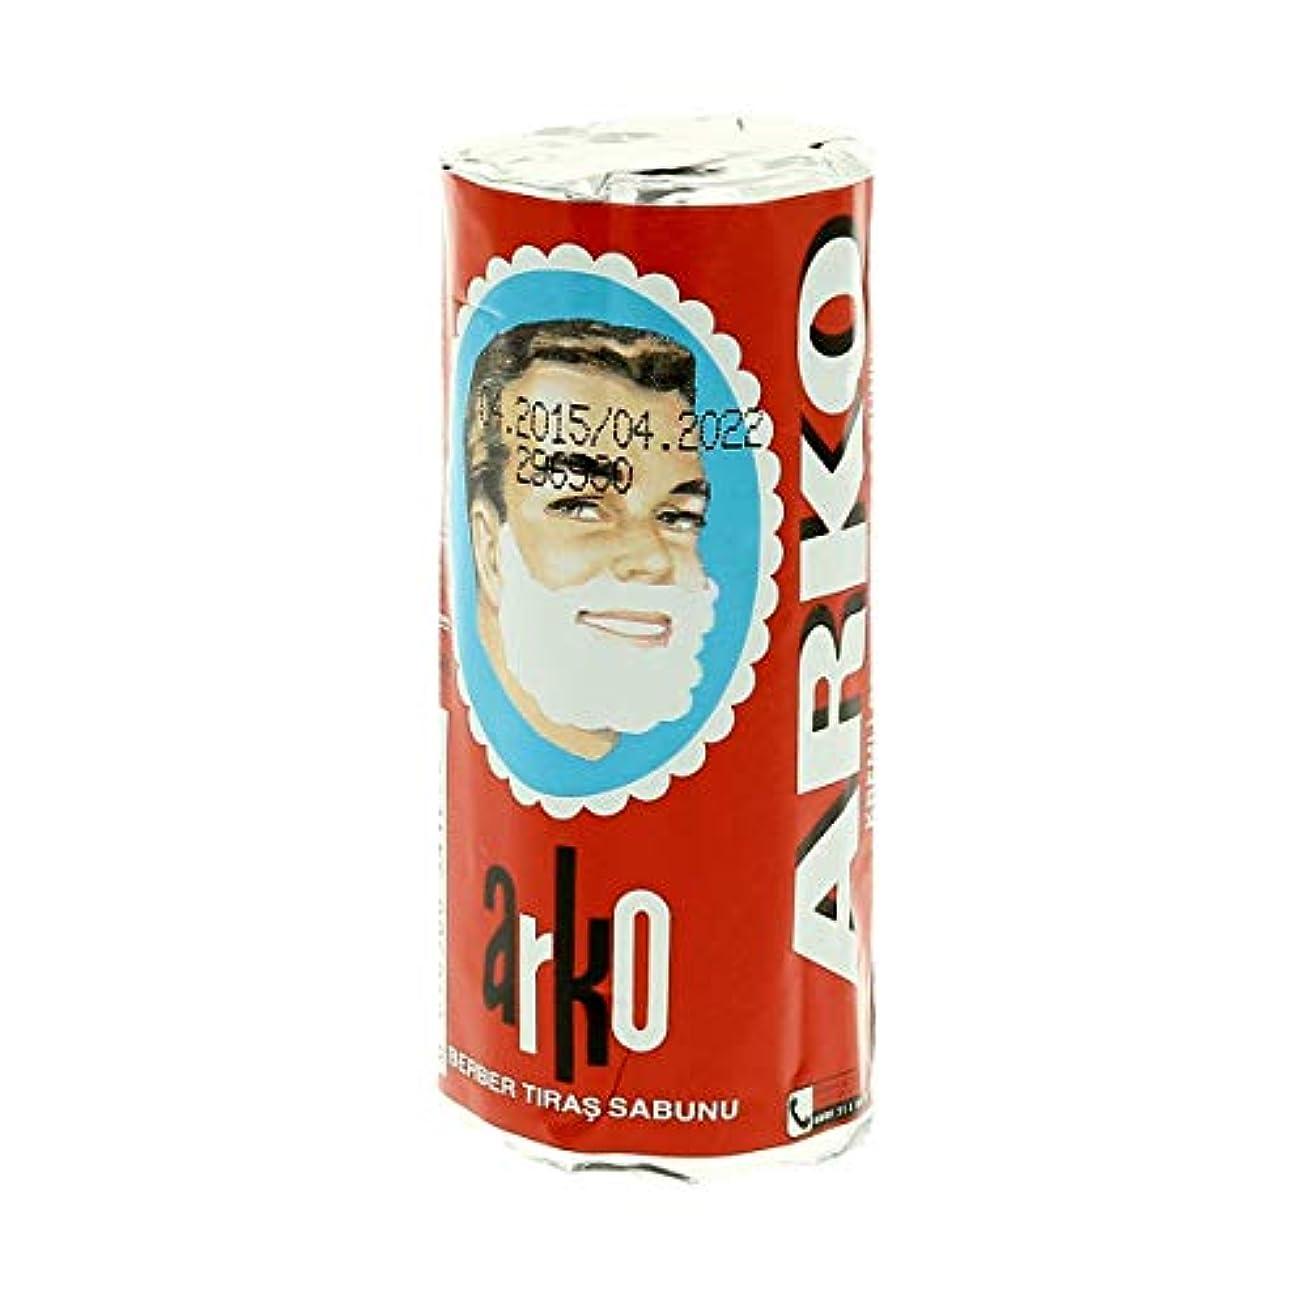 マチュピチュ伝染病シルクArko アルコ シェービングクリームソープスティック75g[海外直送品]Arko Shaving Cream Soap Stick 75g [並行輸入品]